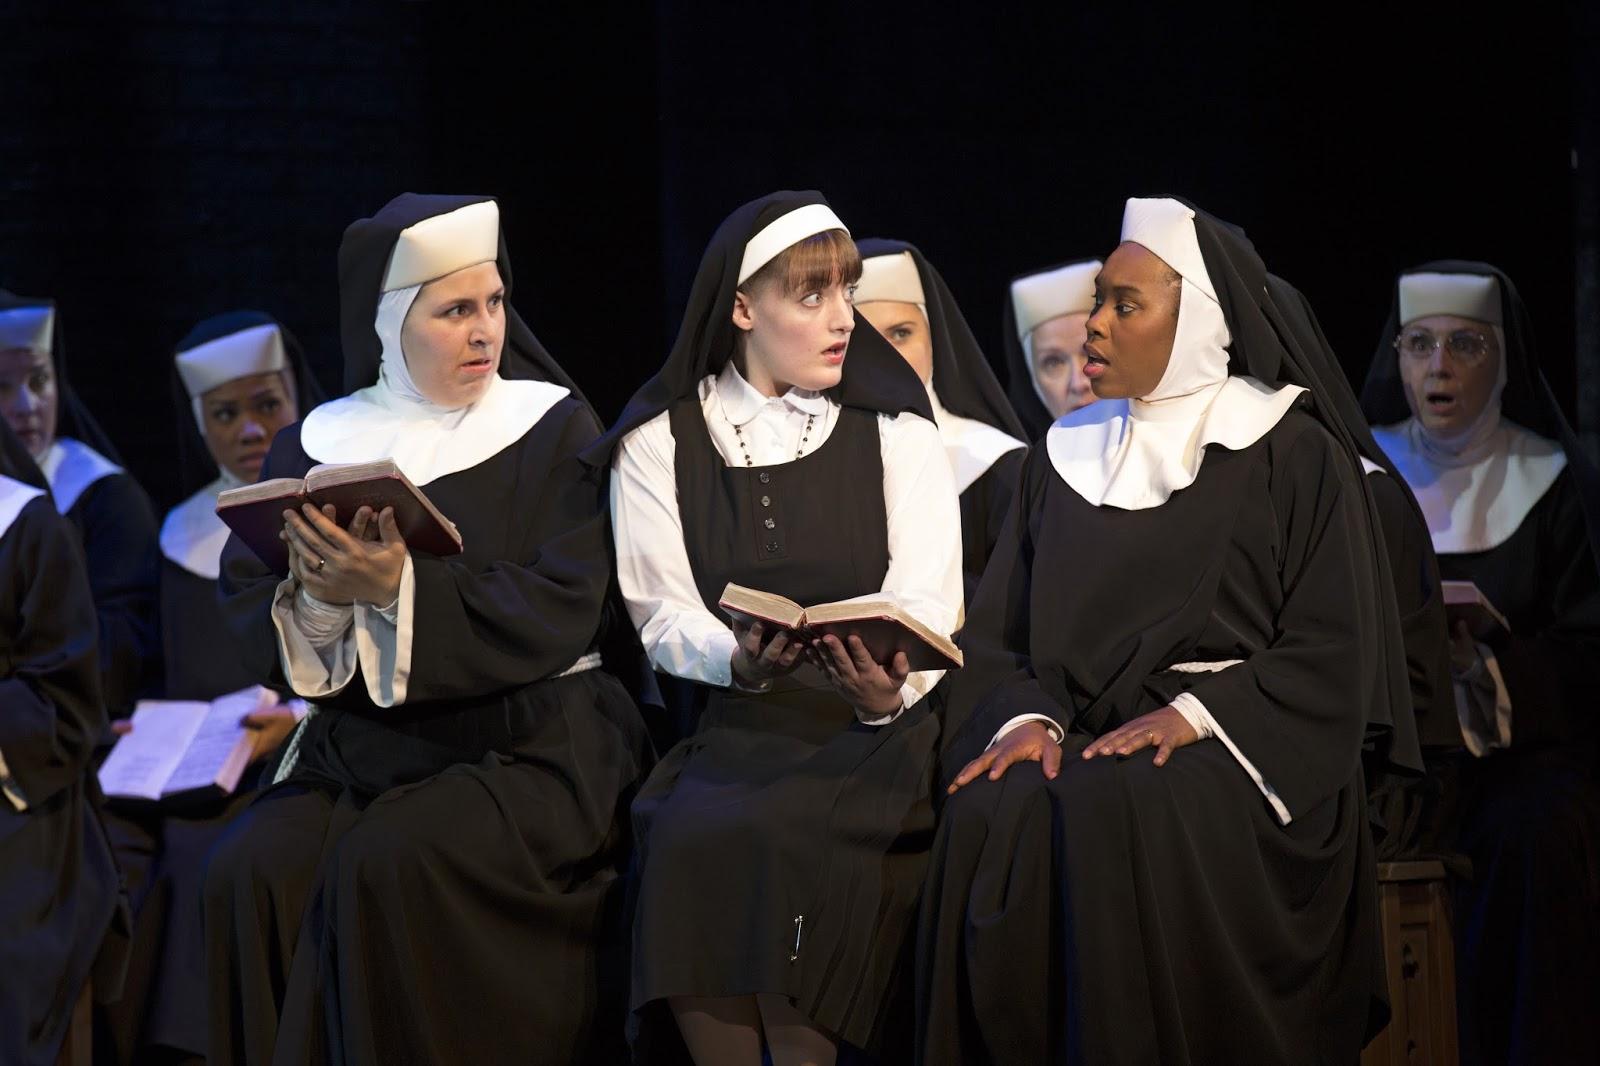 Sister Act | Charlene and Brenda in the Blogosphere